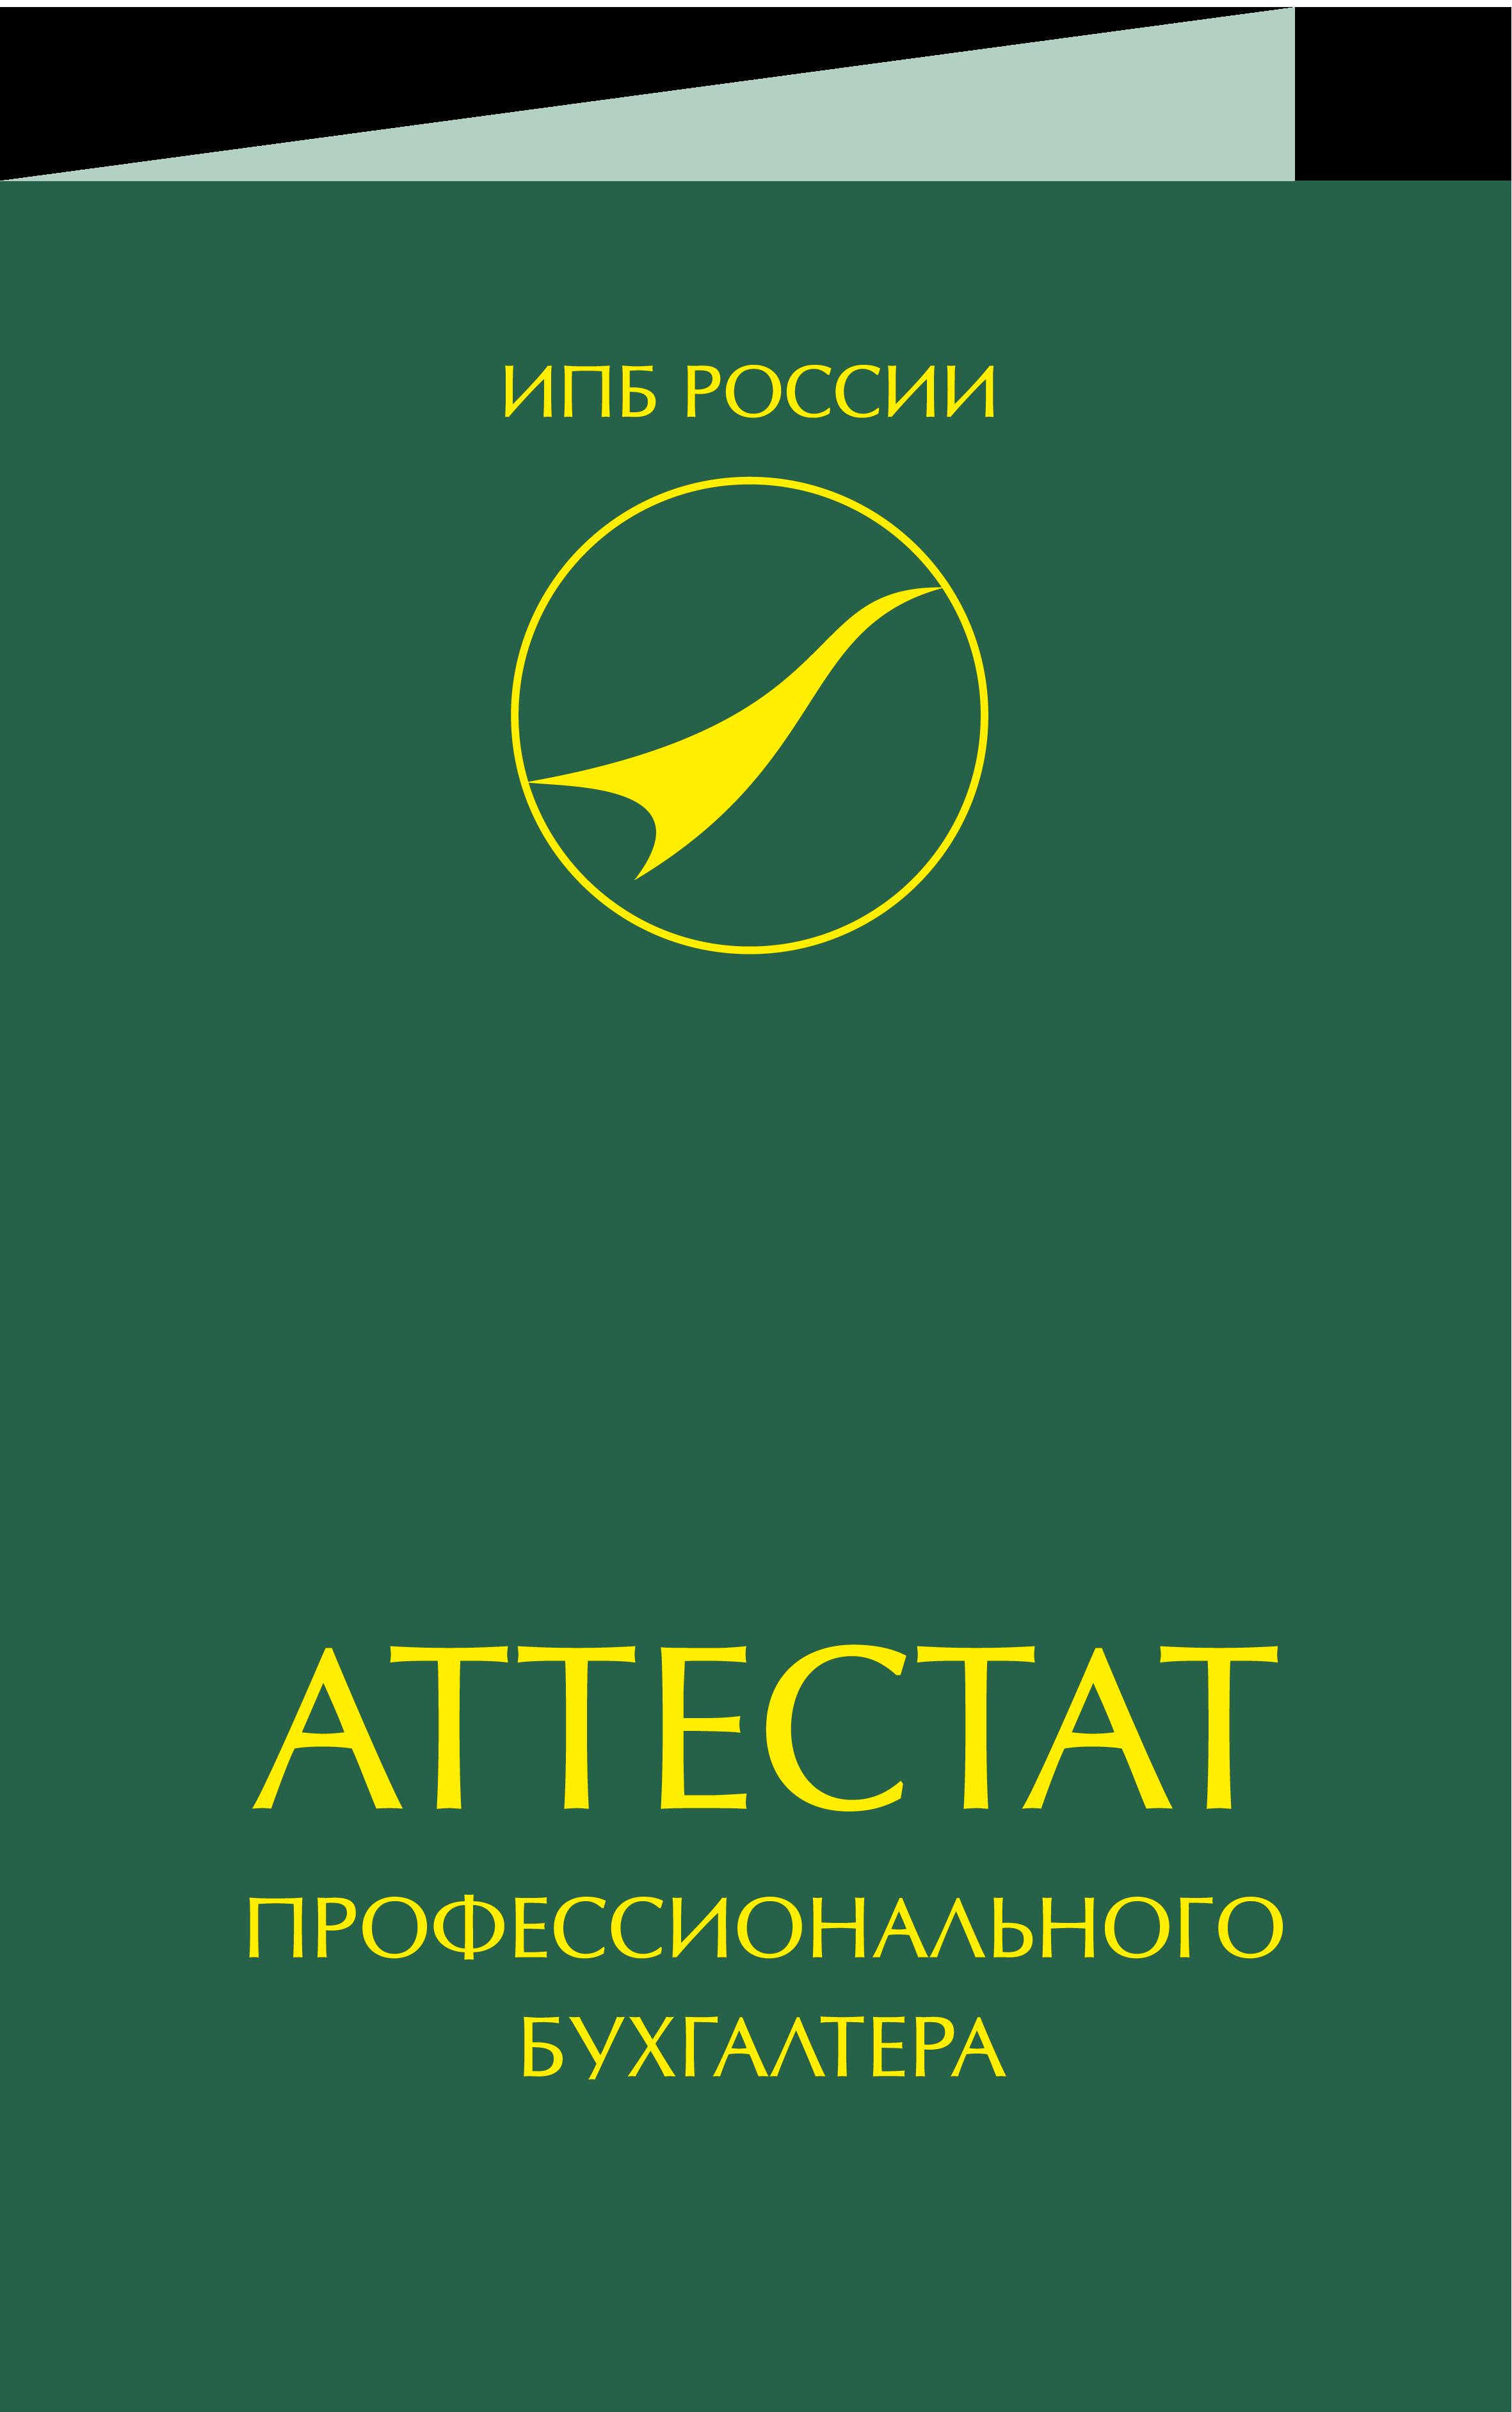 Аттестат бухгалтера 5-го уровня севастополь симферополь крым